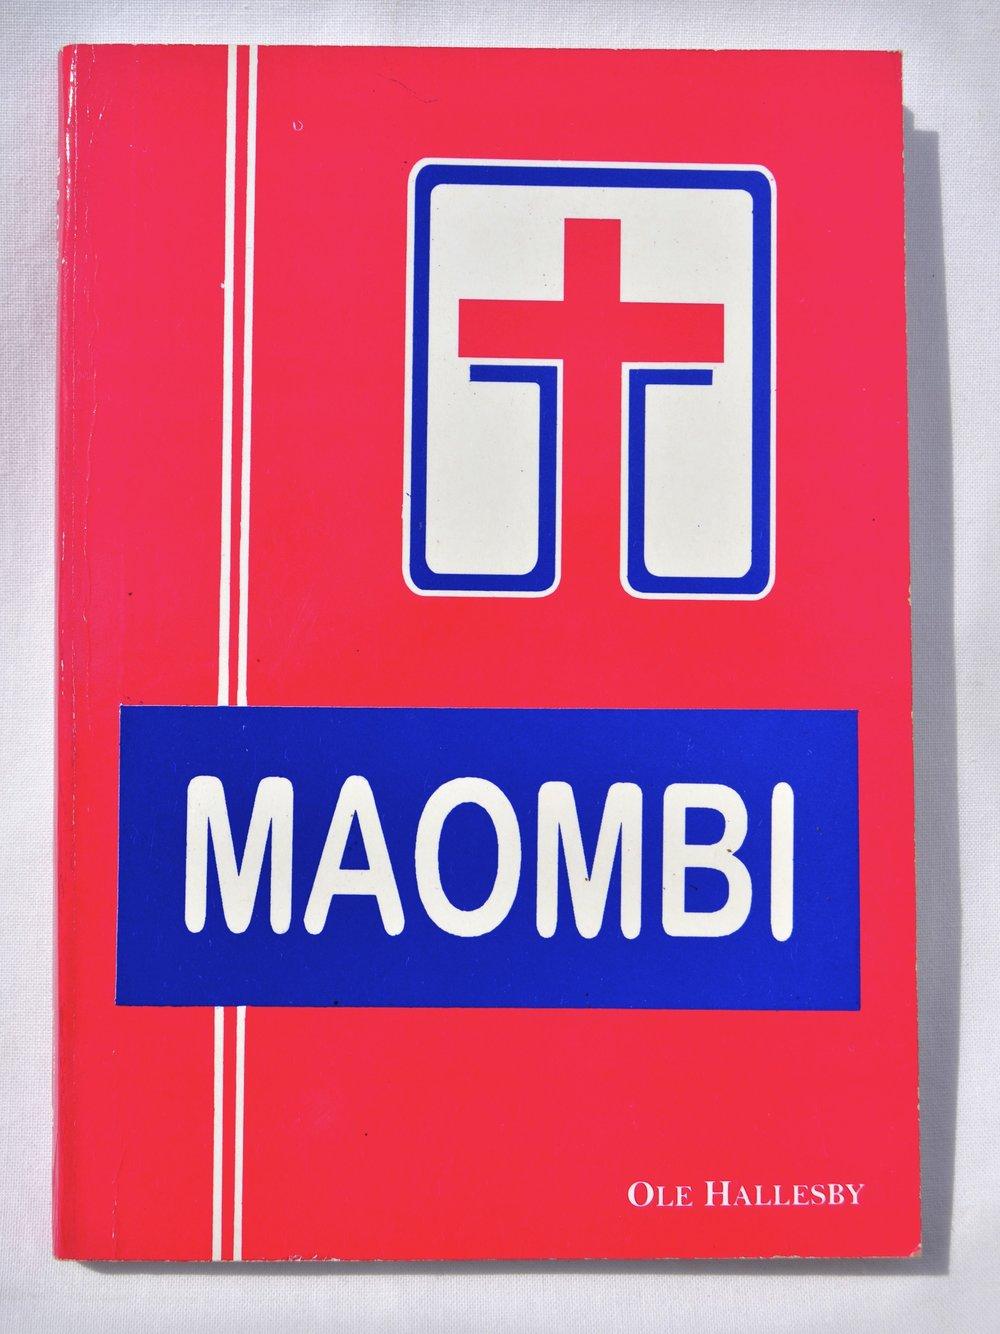 Maombi.jpg